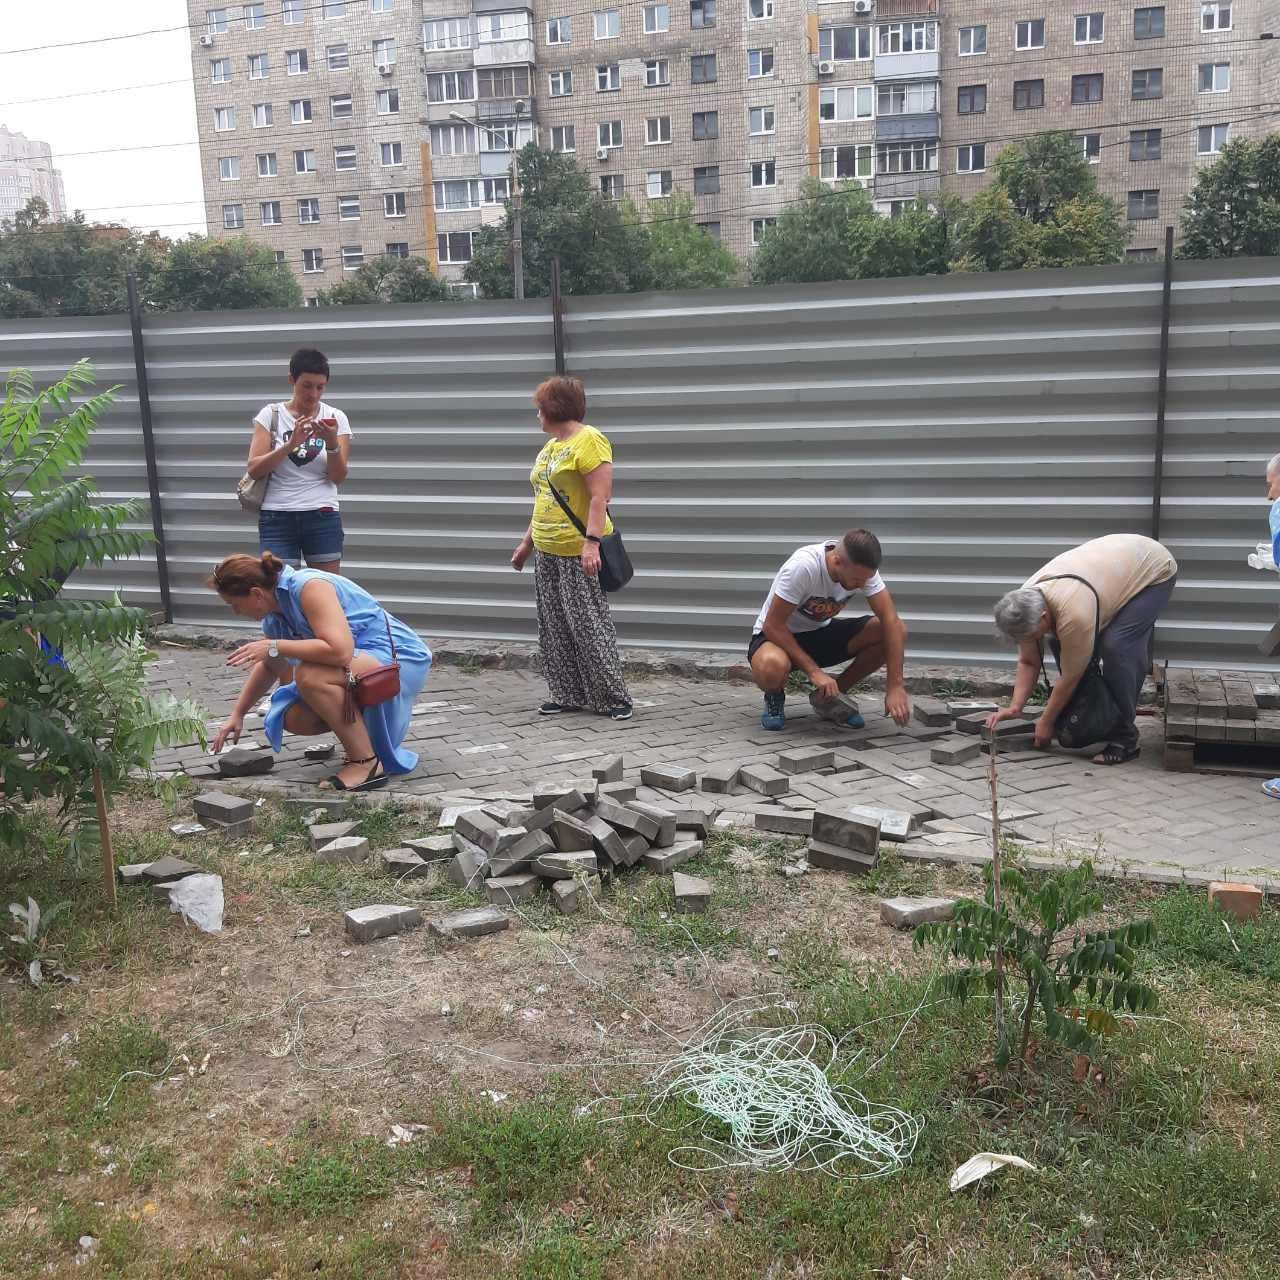 Харьковчане снесли забор на месте строительства киосков (фото, видео) | «Объектив»